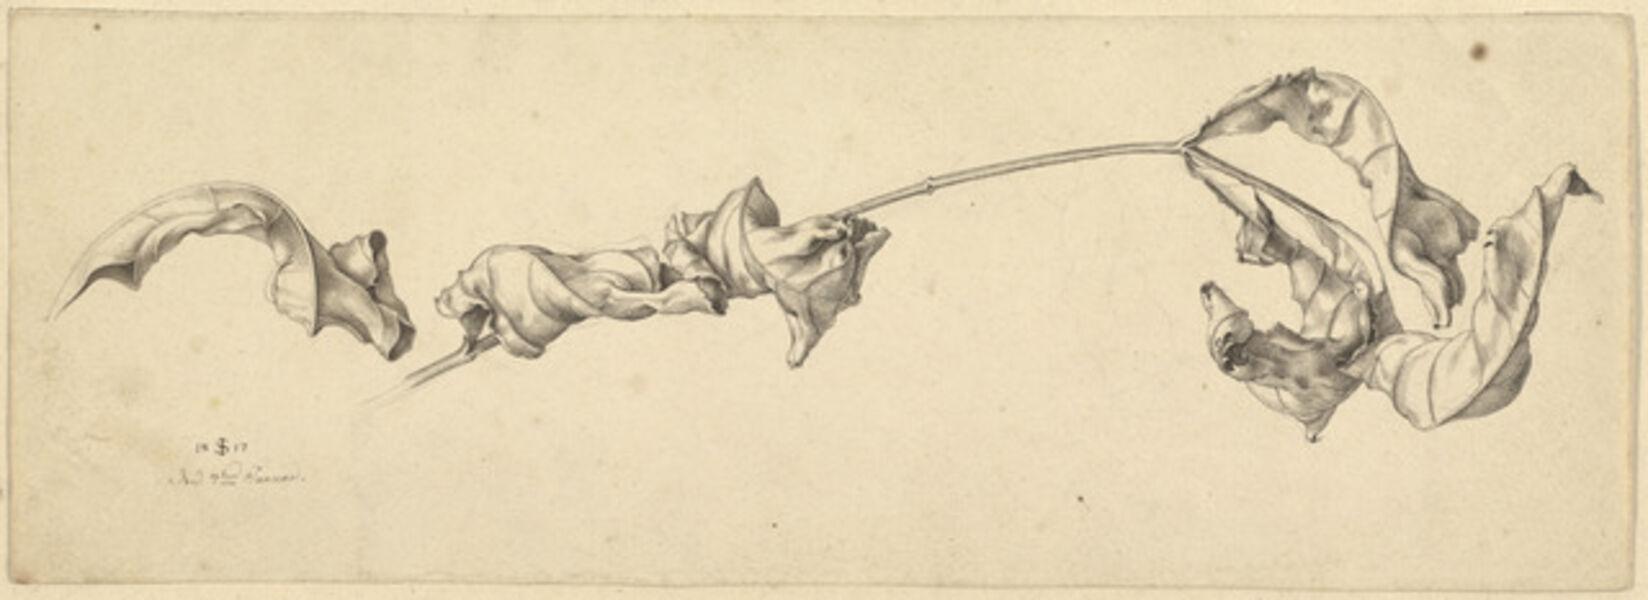 Julius Schnorr von Carolsfeld, 'A Branch with Shriveled Leaves', 1817